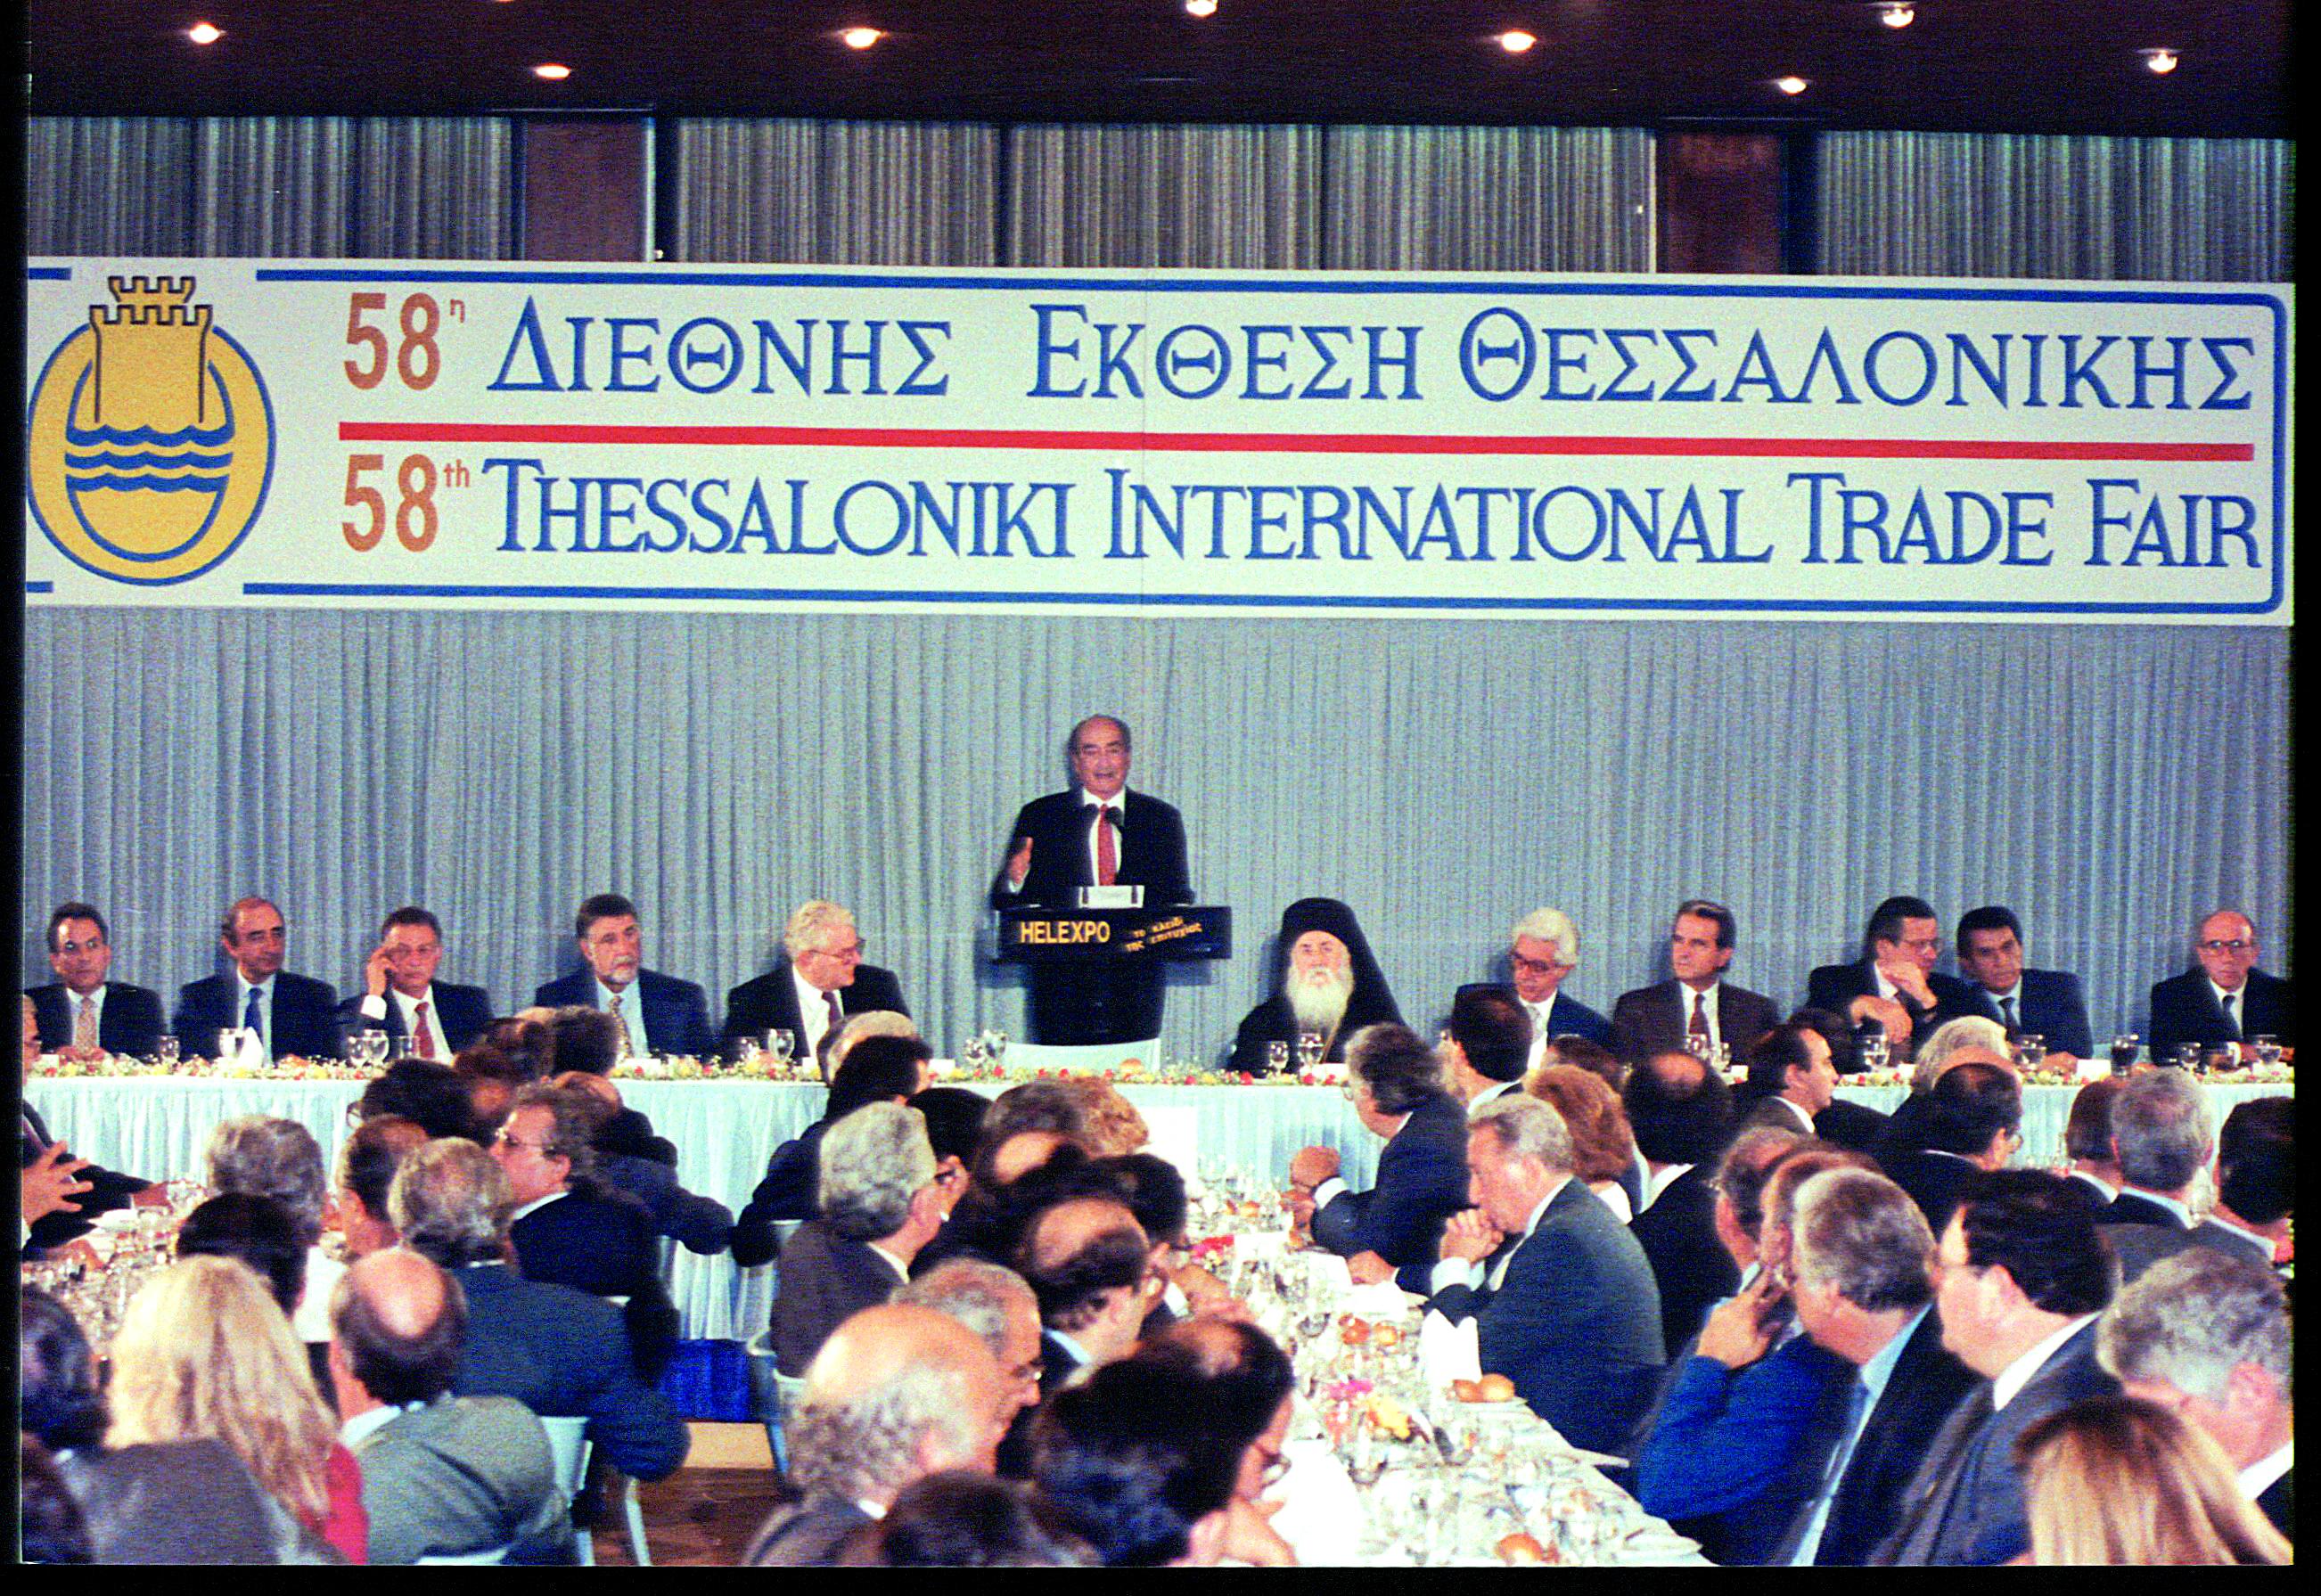 1993. Ομιλία του Κωνσταντίνου Μητσοτάκη